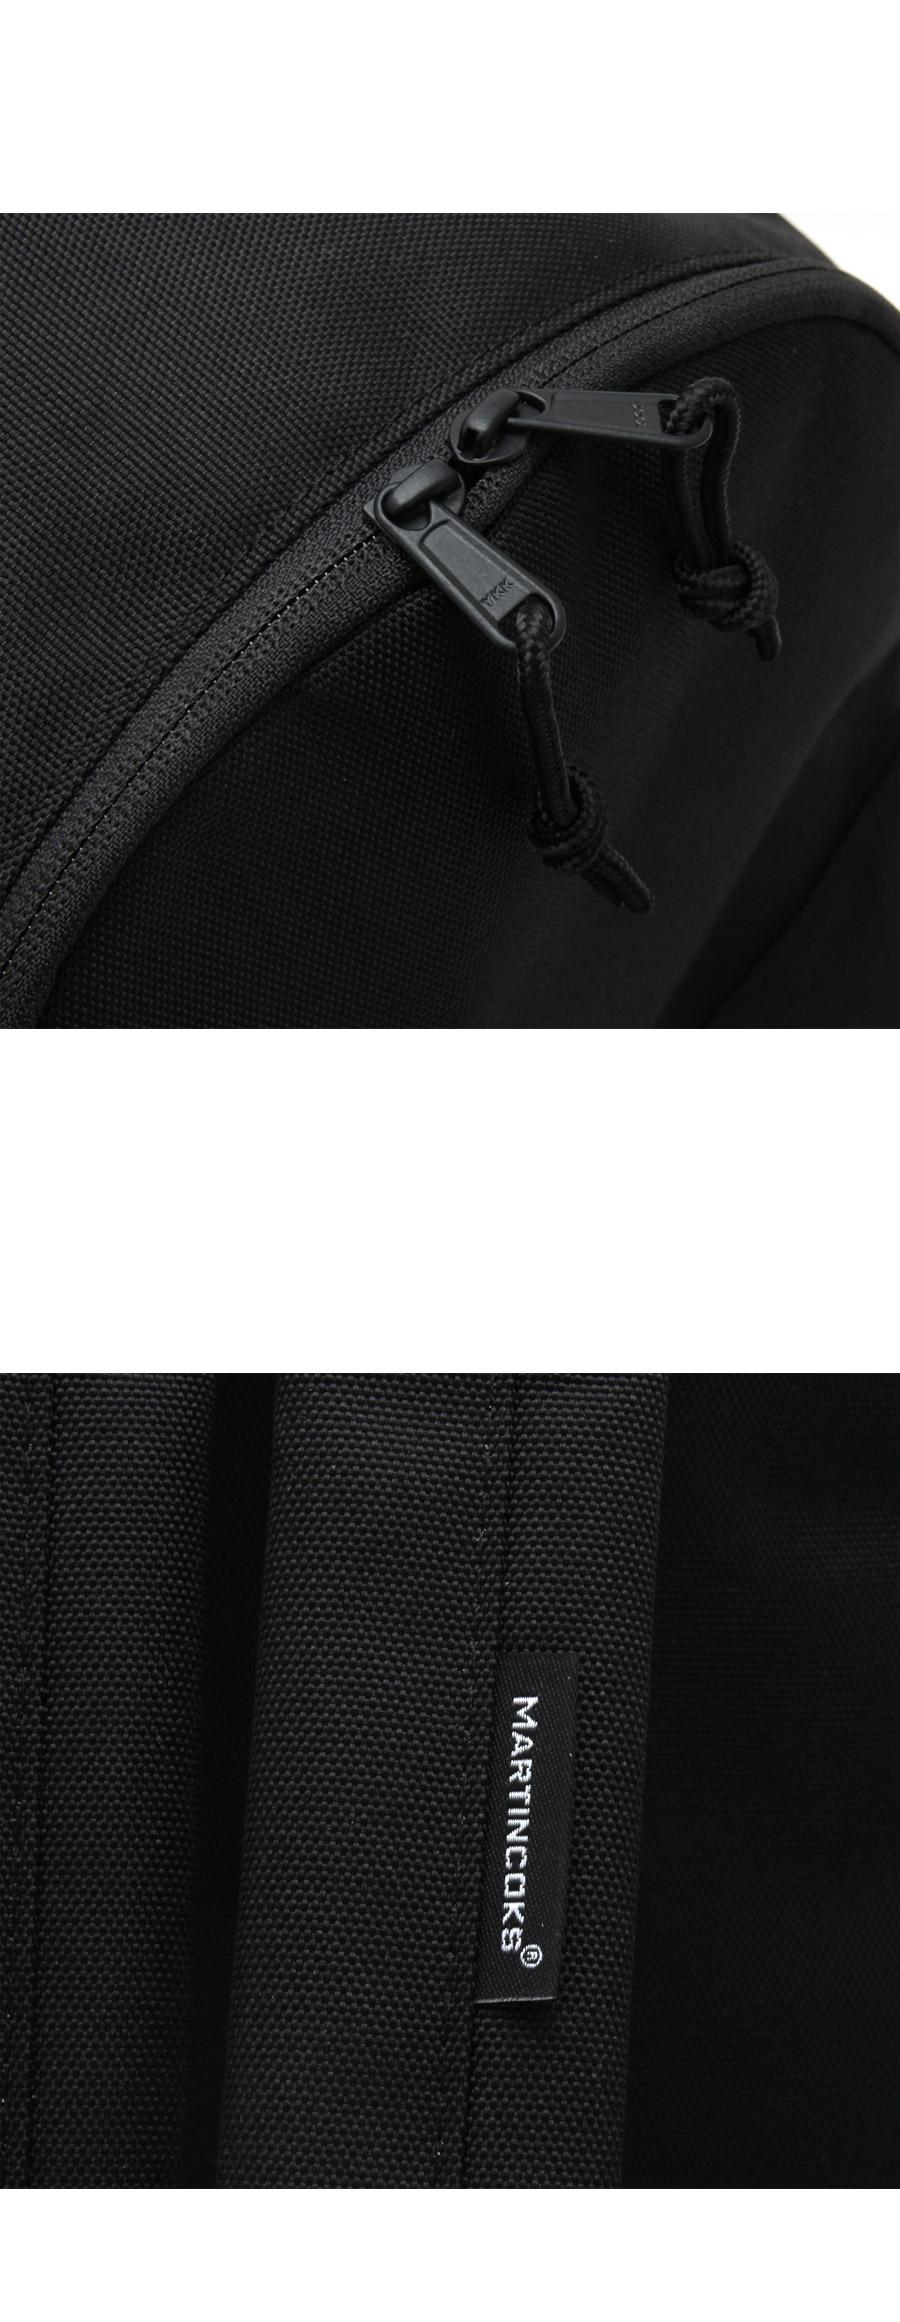 마틴콕스(MARTINCOKS) 코듀라 사이드메쉬 백팩 [블랙] CRP-CO-BLACK